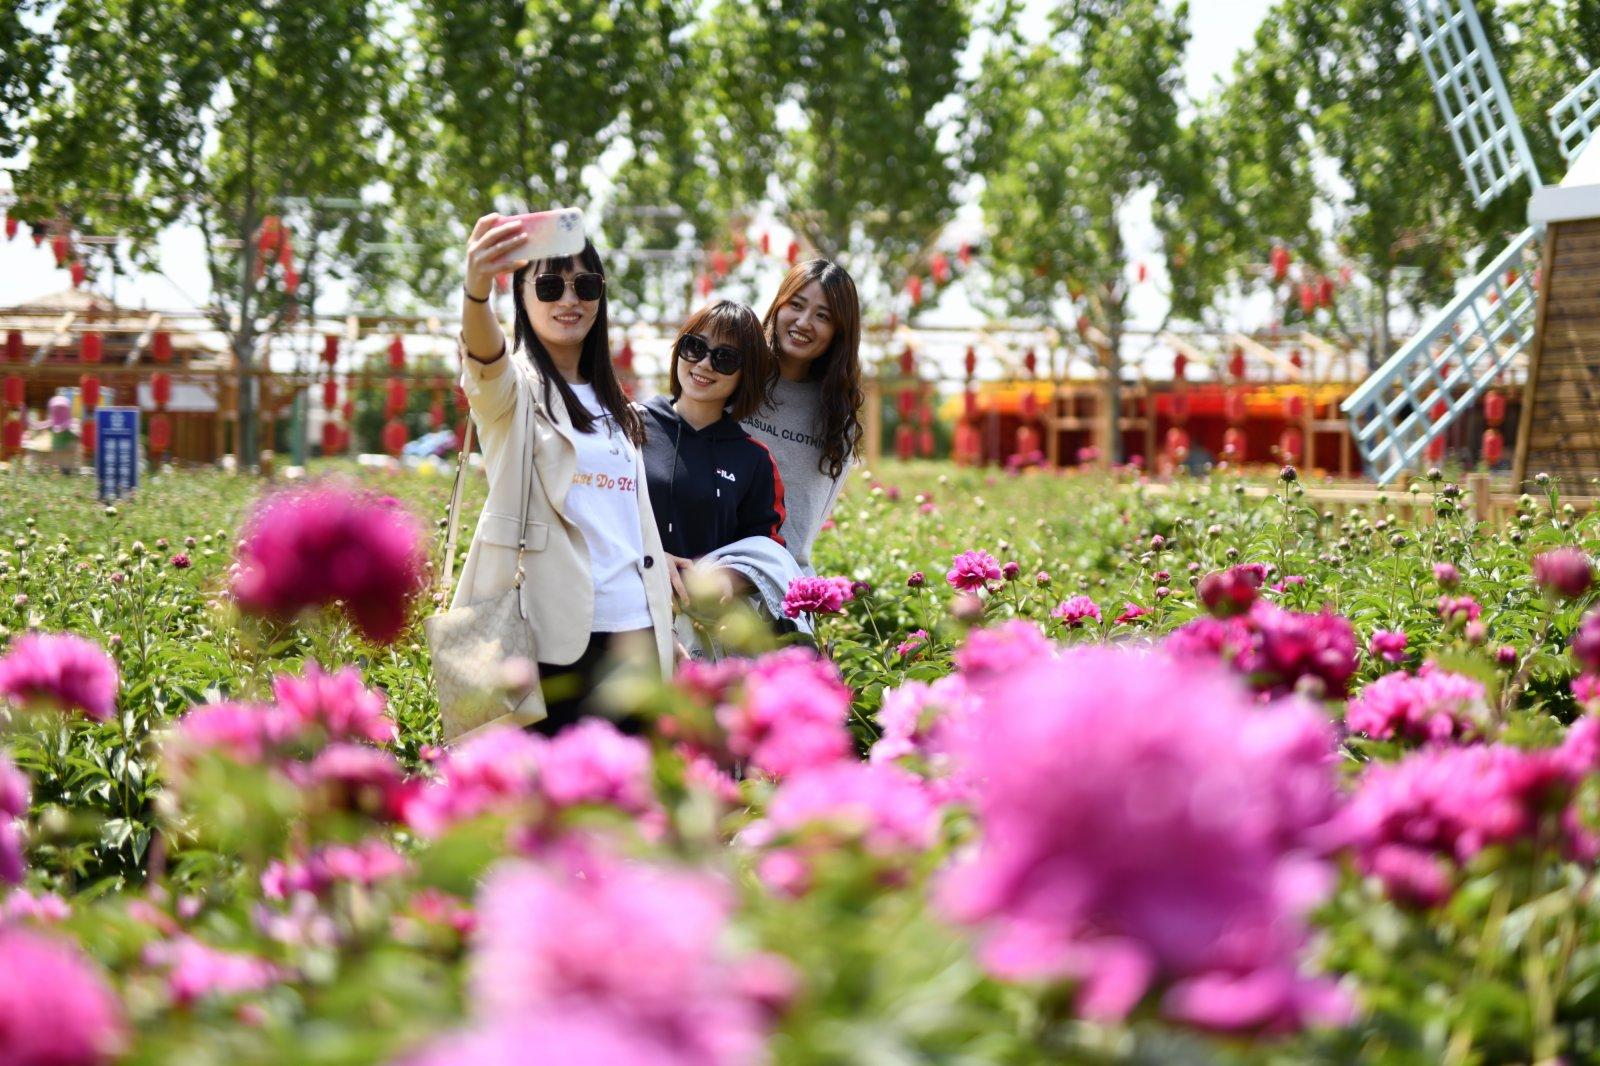 遊客在唐山市豐潤區西那母生態旅遊度假村內合影。 新華社